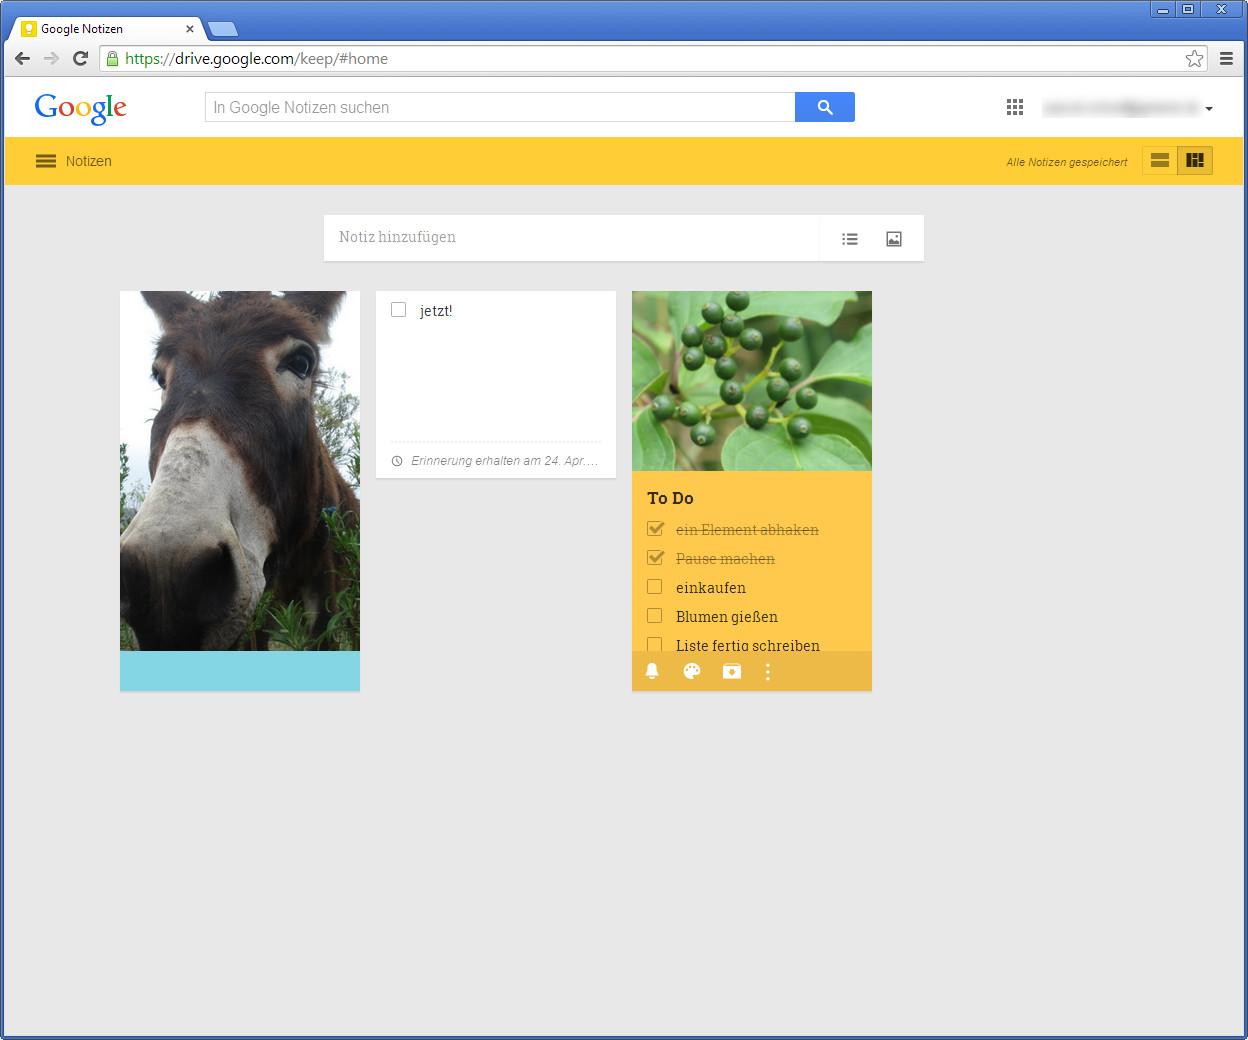 Screenshot 1 - Google Notizen (Keep)